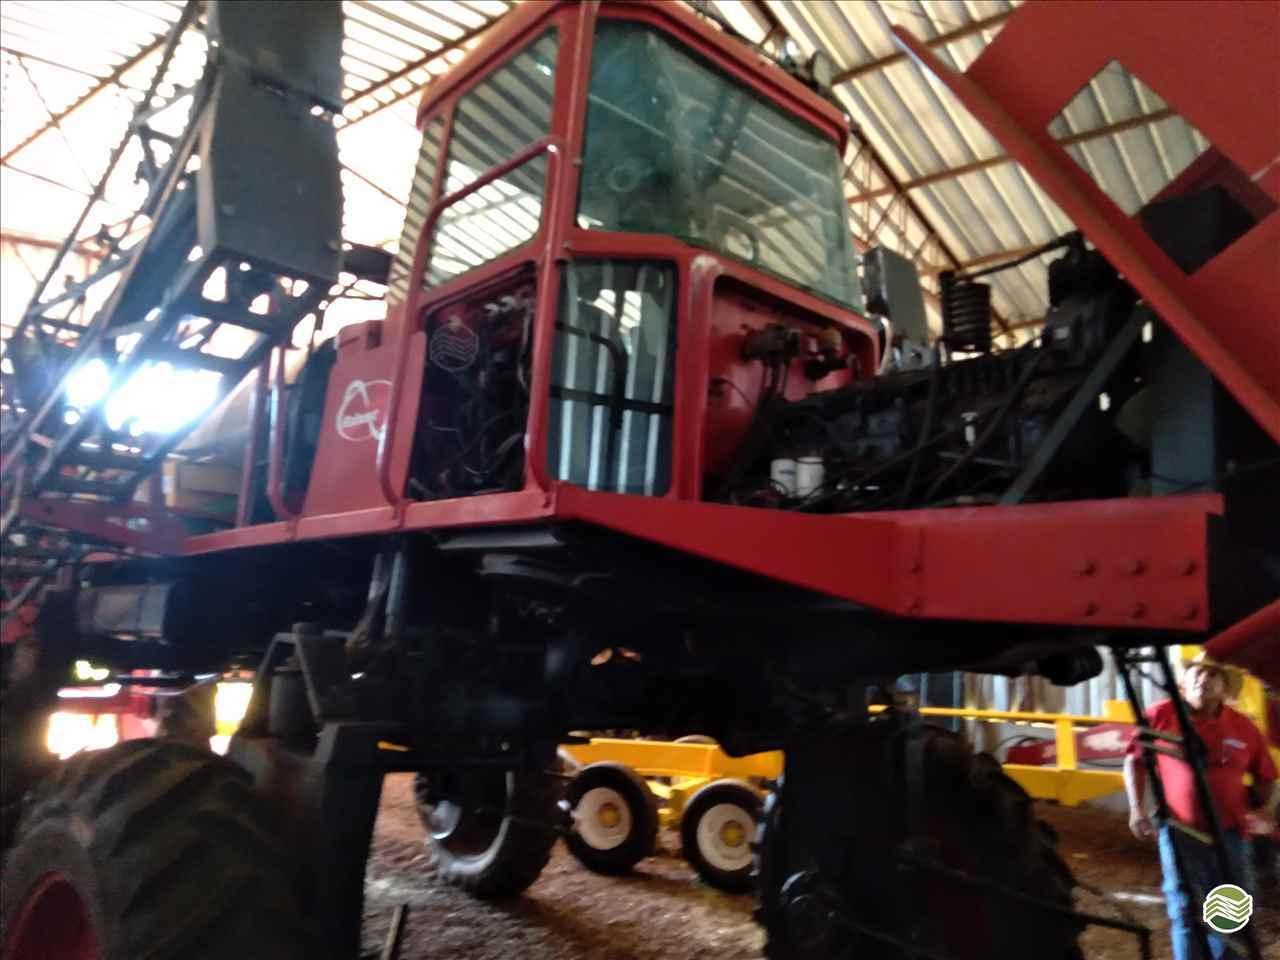 PULVERIZADOR TRATOR MONTADO KIT JACTO Tração 4x2 Terral Máquinas e Peças Agrícolas CASCAVEL PARANÁ PR